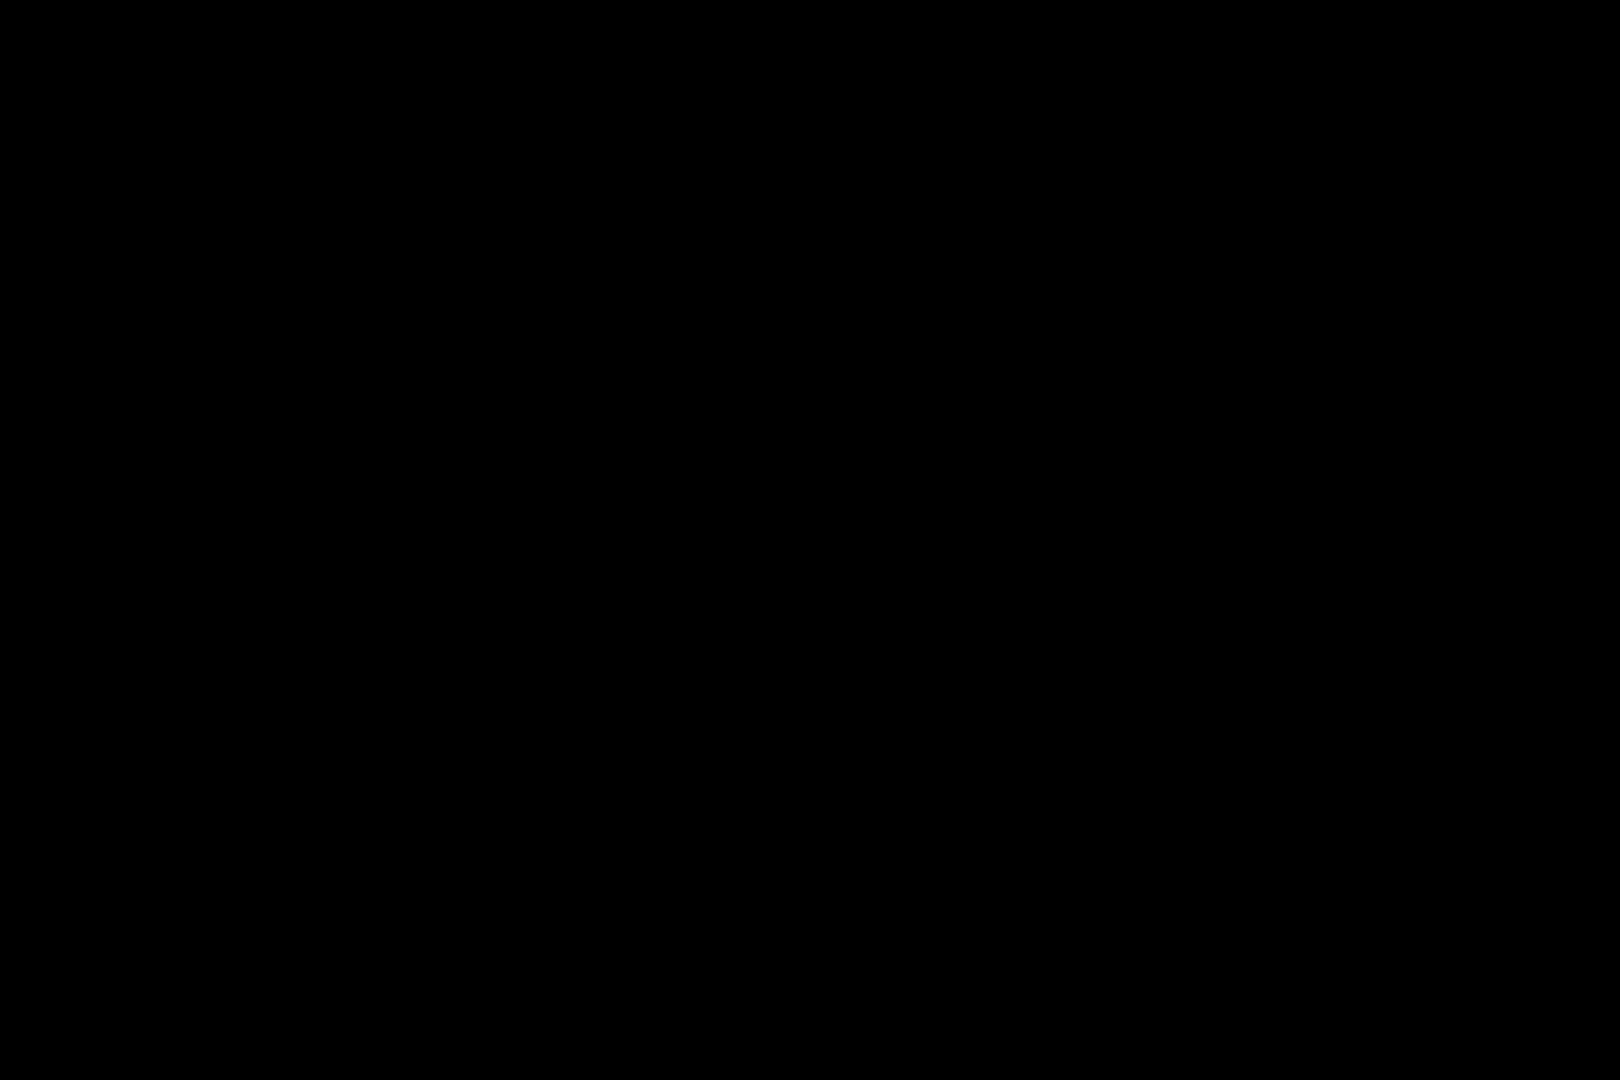 三ツ星シリーズ 魅惑のMemorial Night!! vol.04 フェラ ゲイ素人エロ画像 87枚 1